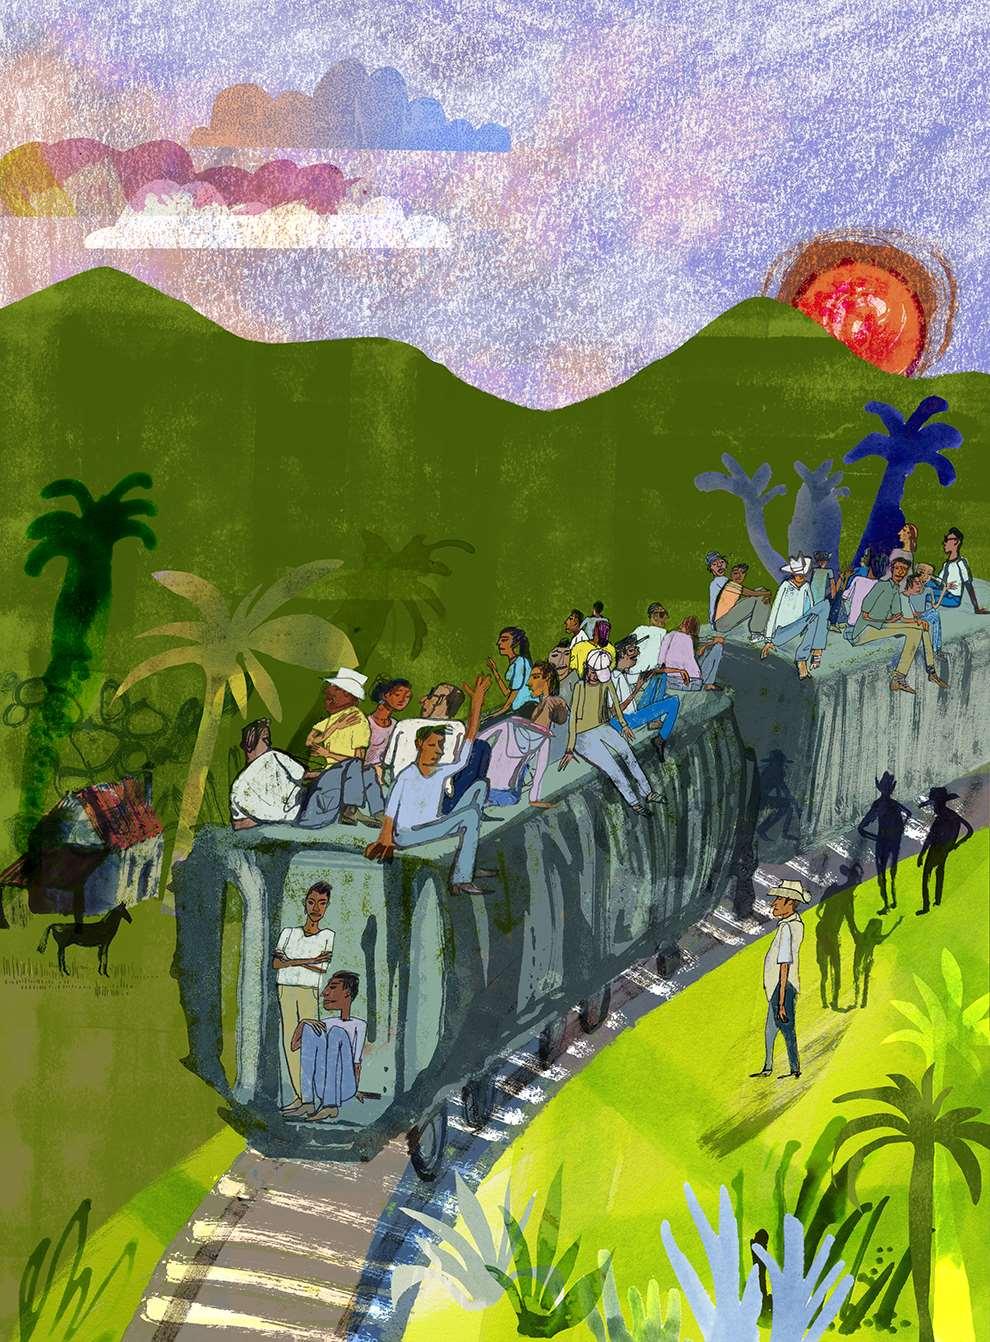 Jill Calder, Textural handrawn illustration